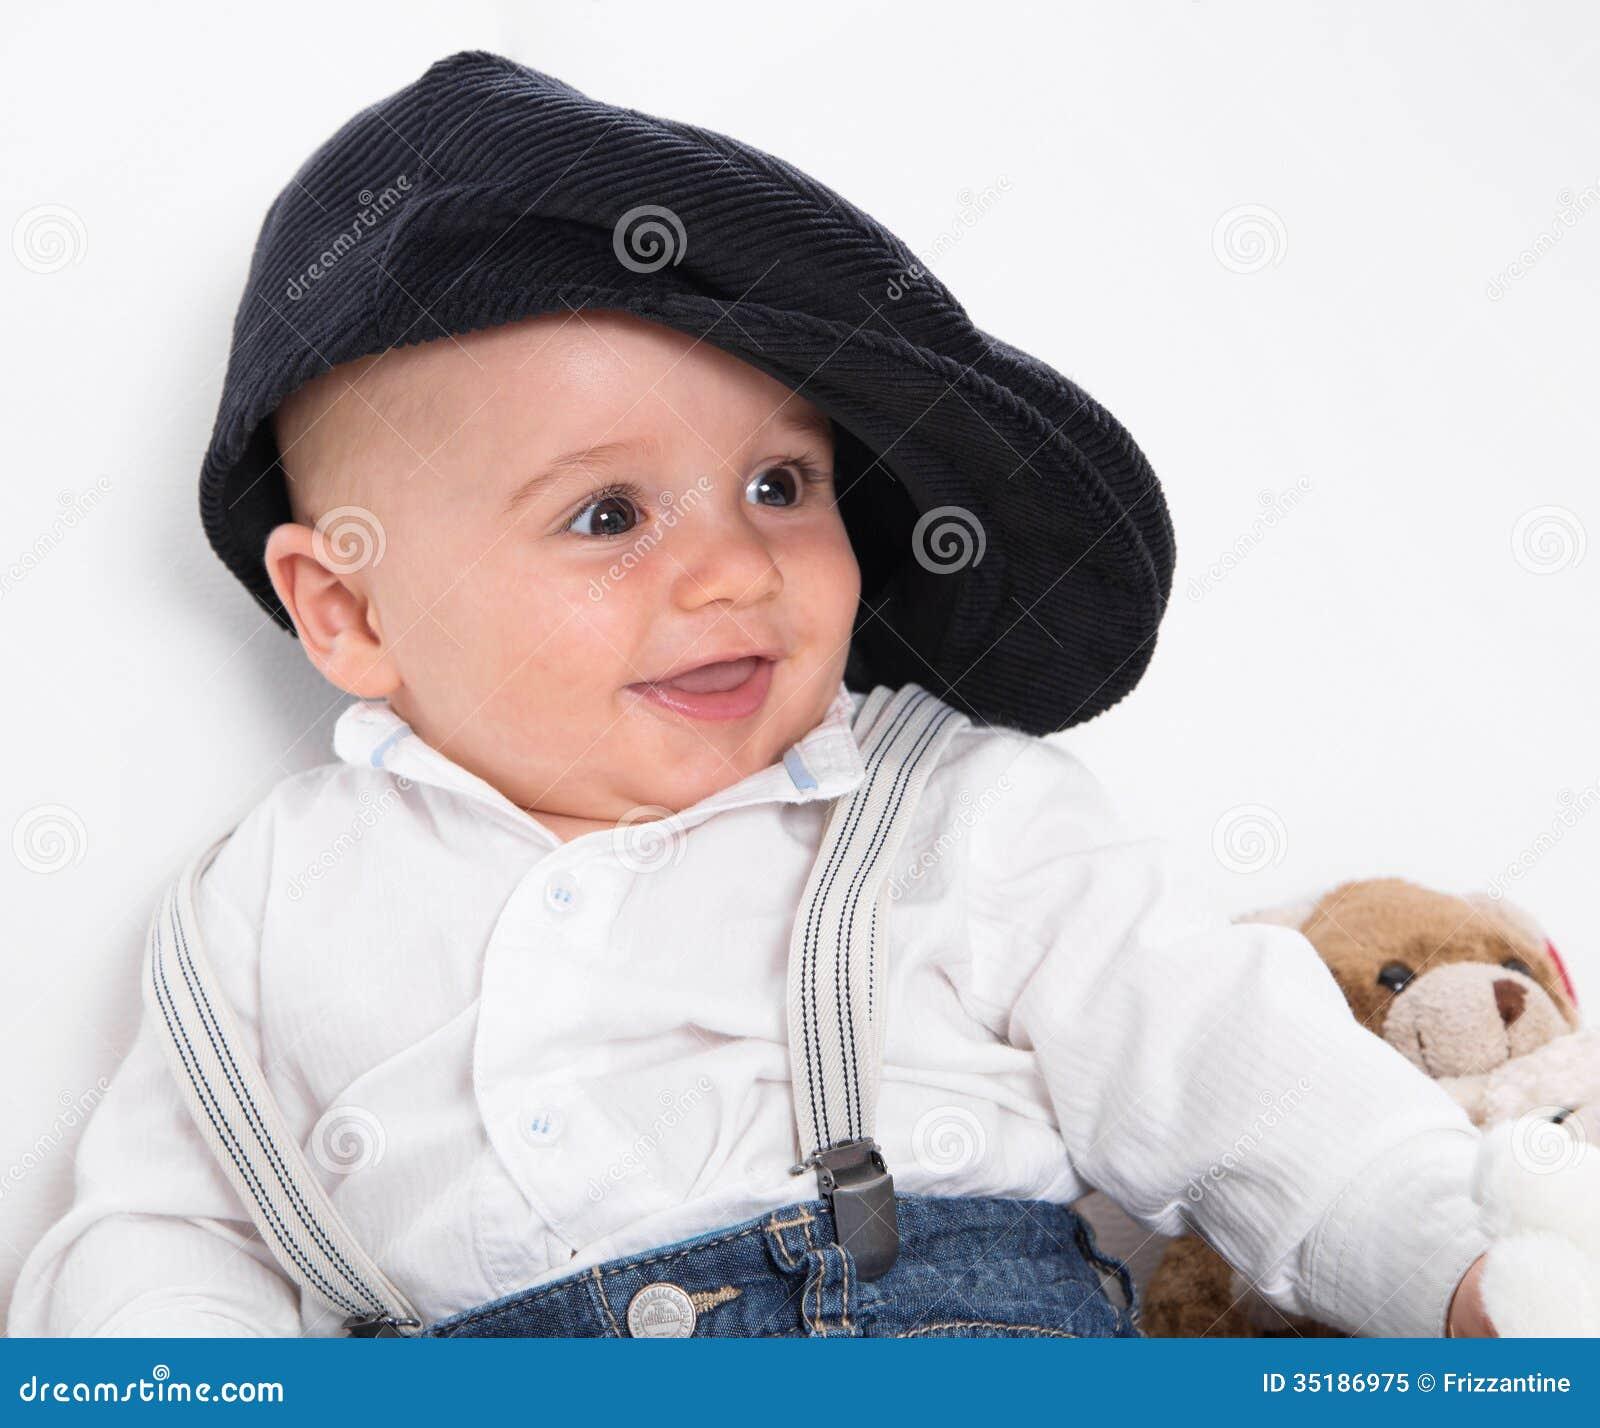 Γελώντας μωρό που φορά γαλλικό beret και τζιν παντελόνι